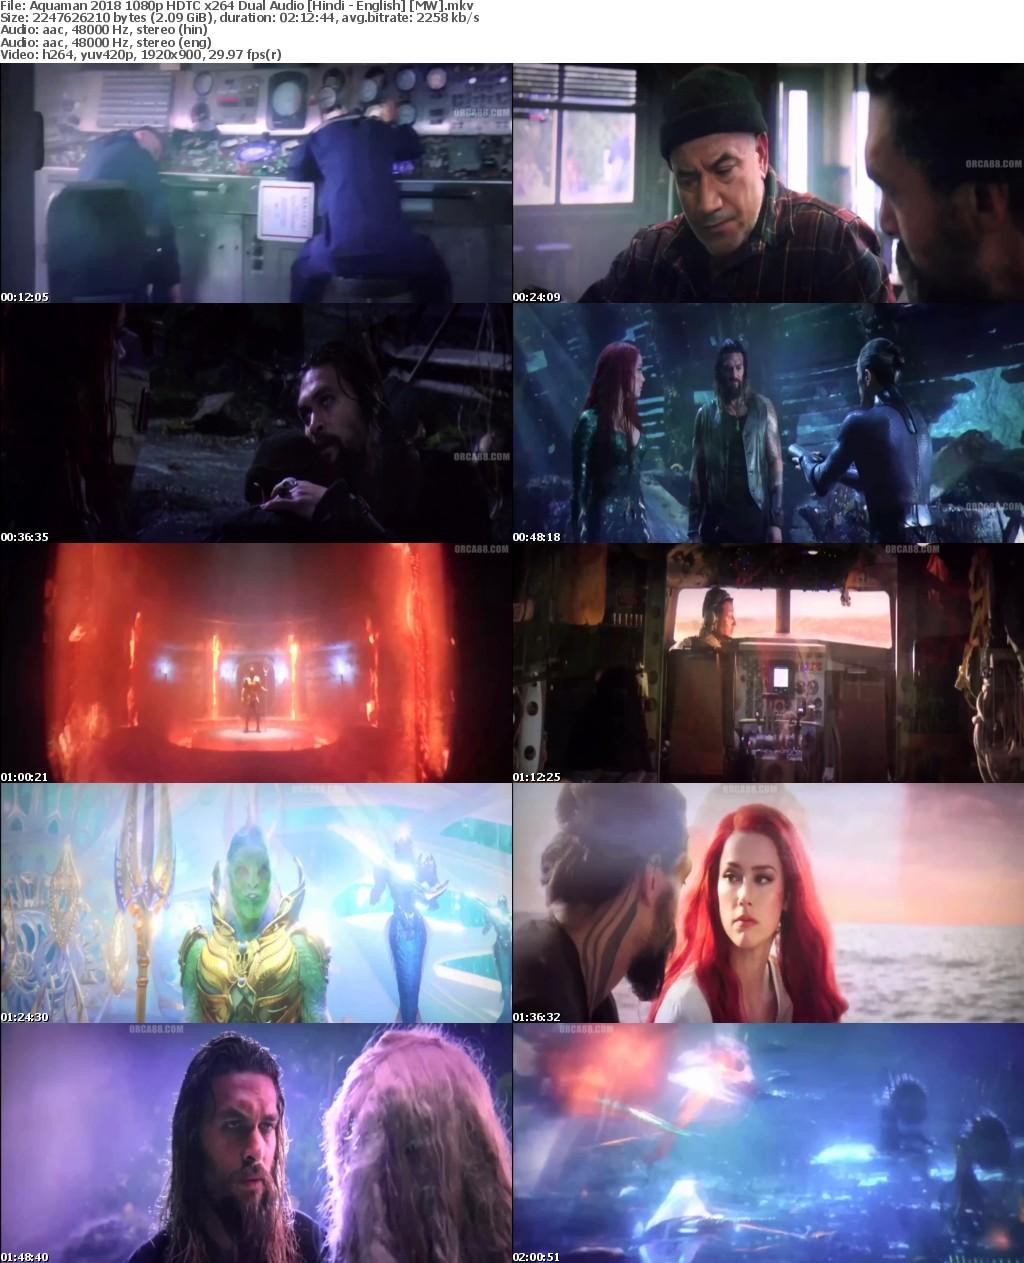 Aquaman (2018) 1080p HDTC x264 Dual Audio Hindi - English MW